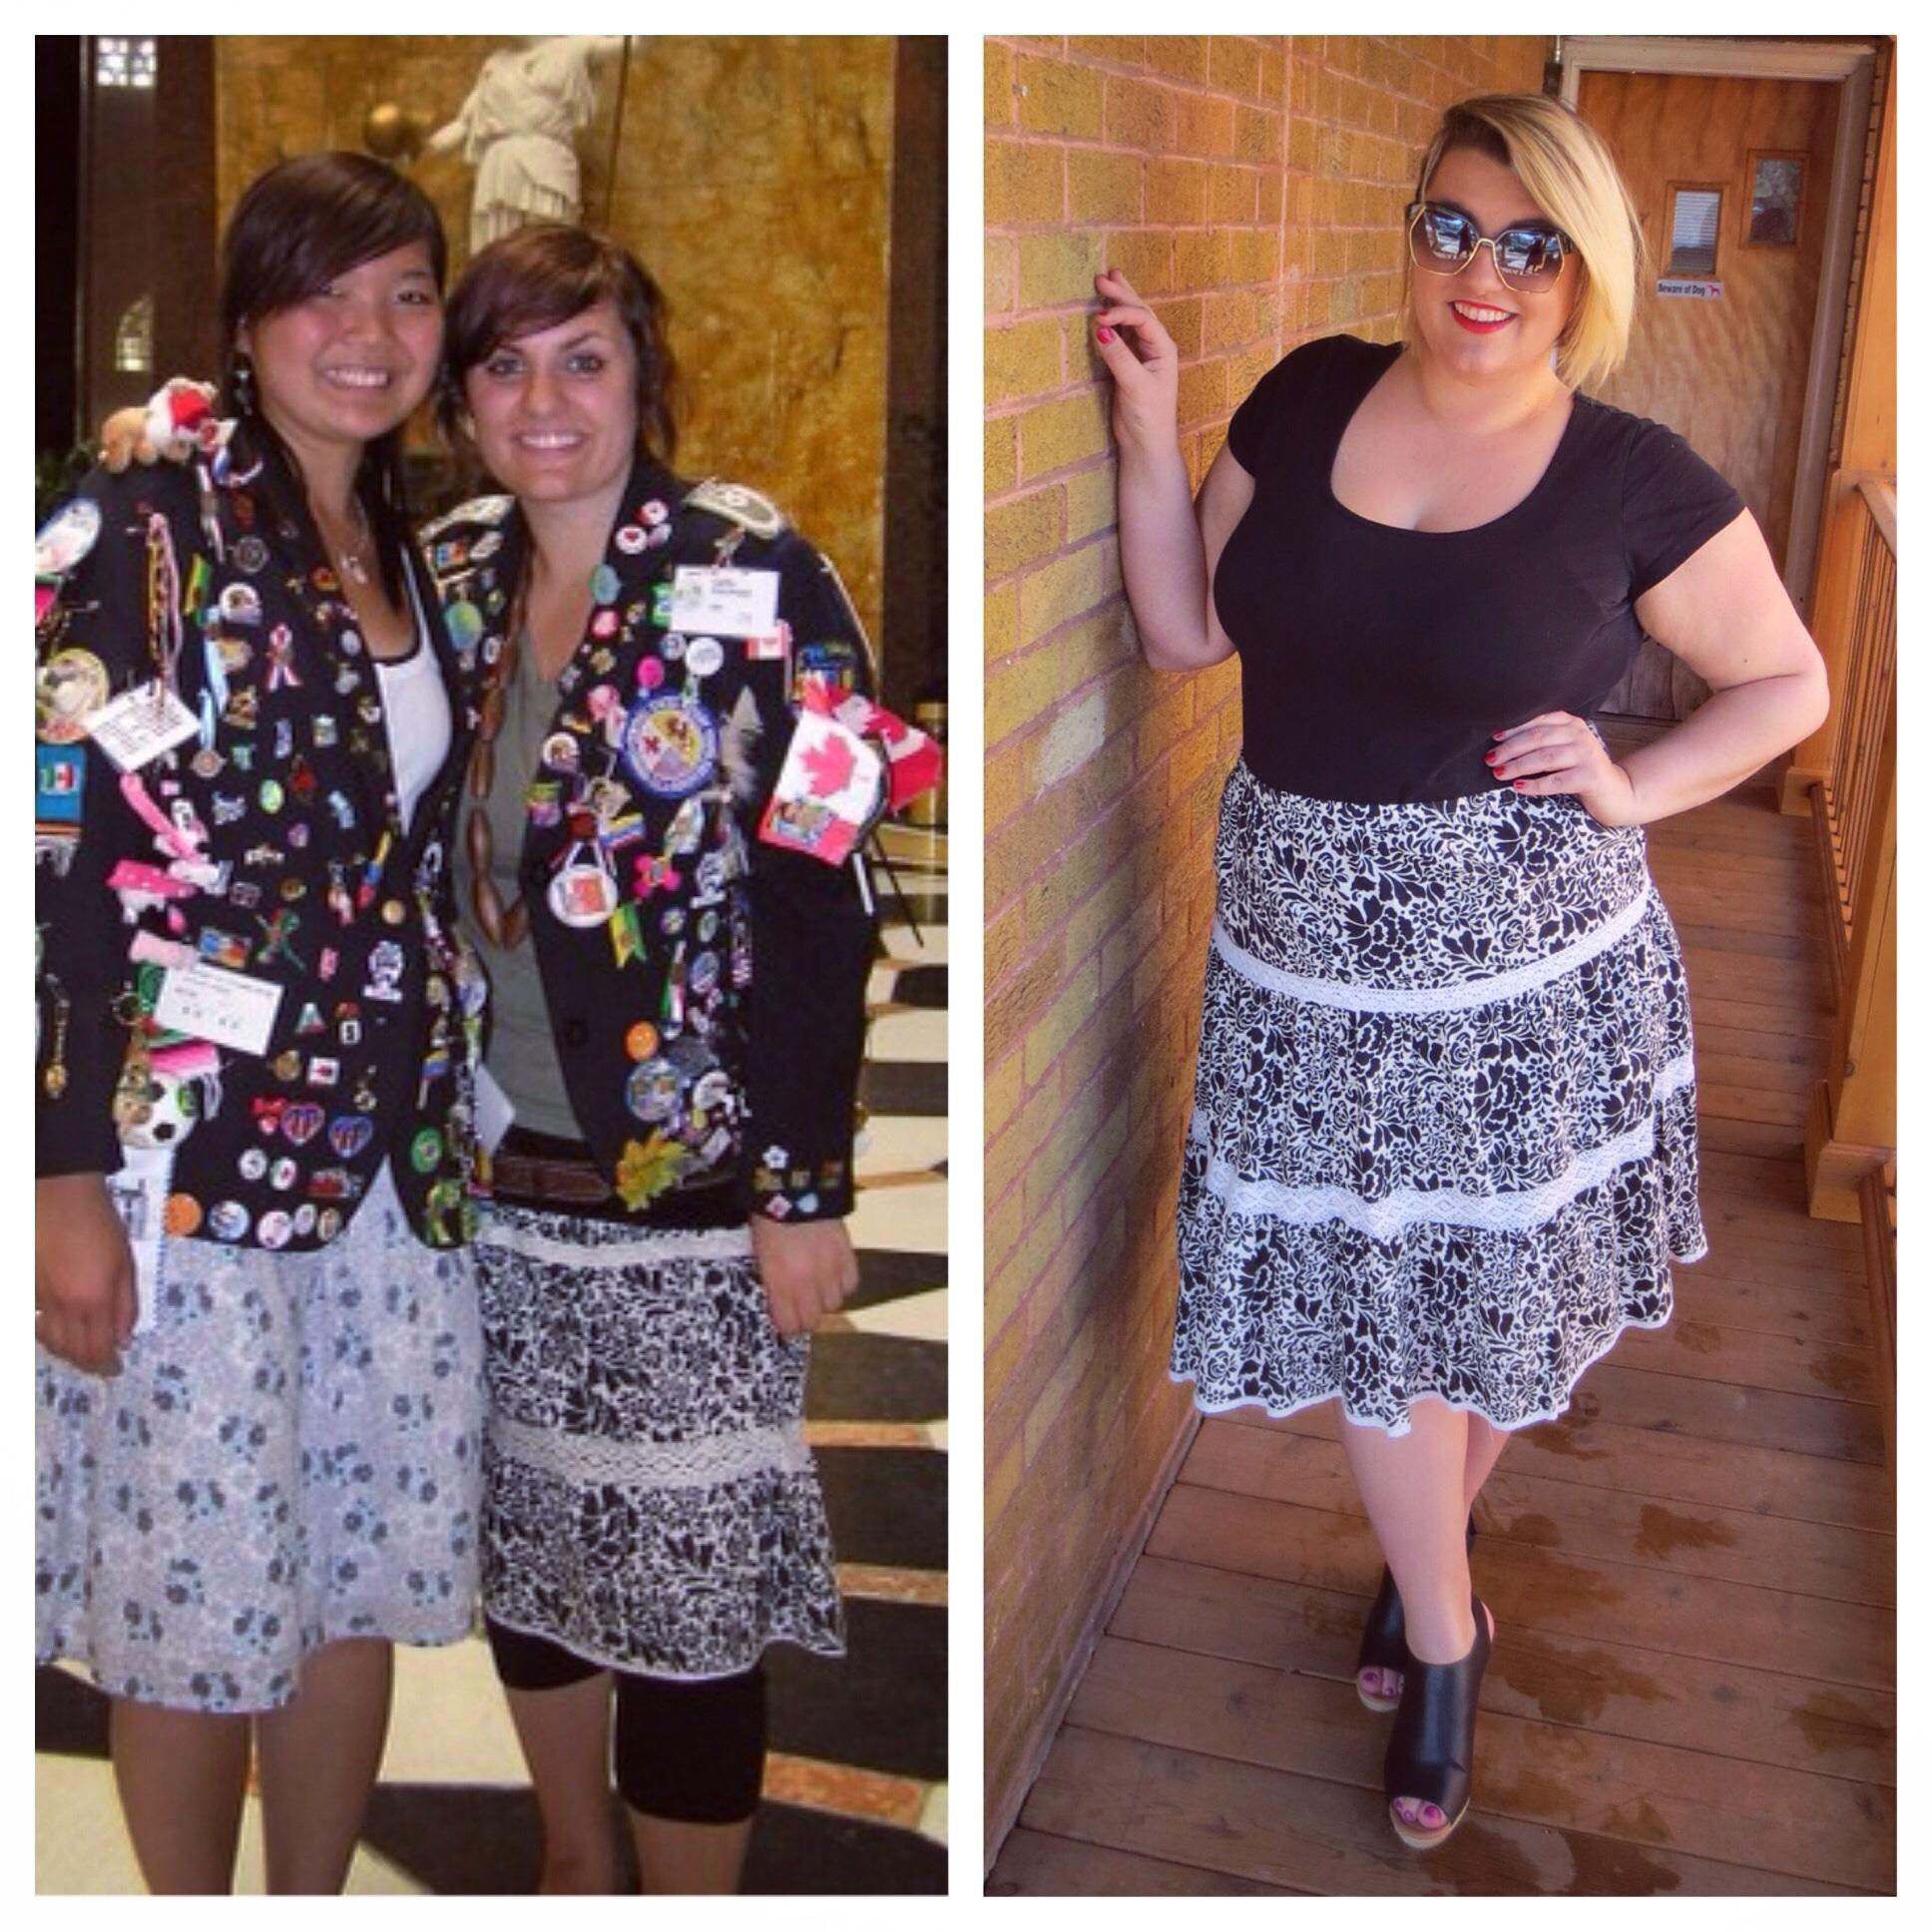 B&W Skirt - 10 Years Apart